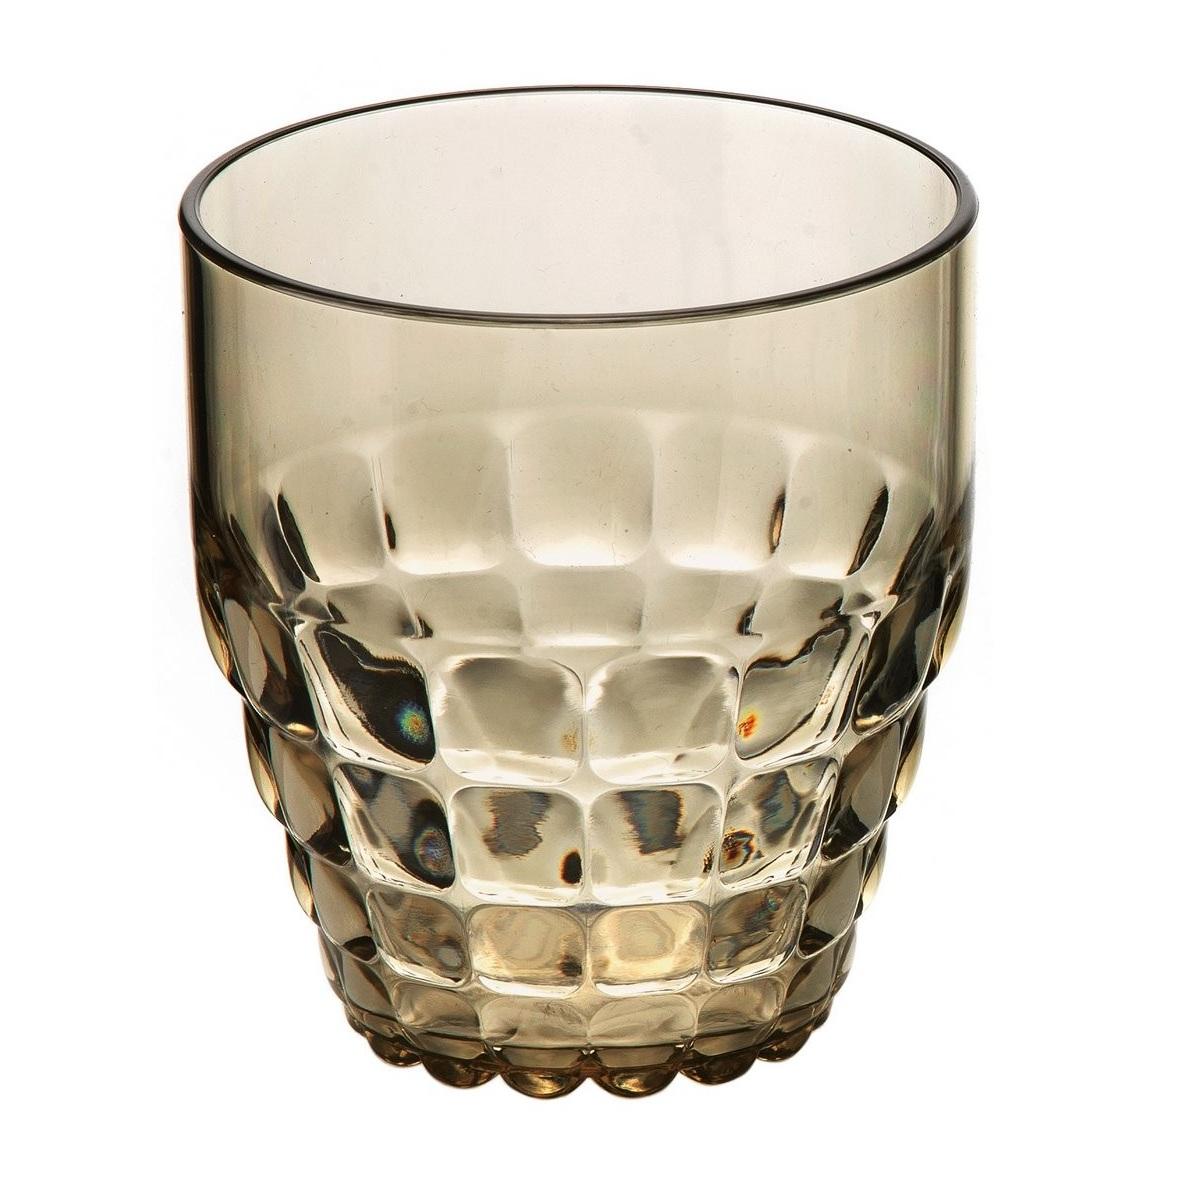 Стакан для напитков TIFFANYСервировка<br>Компания Guzzini основана в 1912 году. Она создает пластиковую посуду и аксессуары. Стакан имеет красивую форму и необычный дизайн, он украсит застолье, а также позволит красиво подать напитки. Удобный и неприхотлив в уходе.<br>